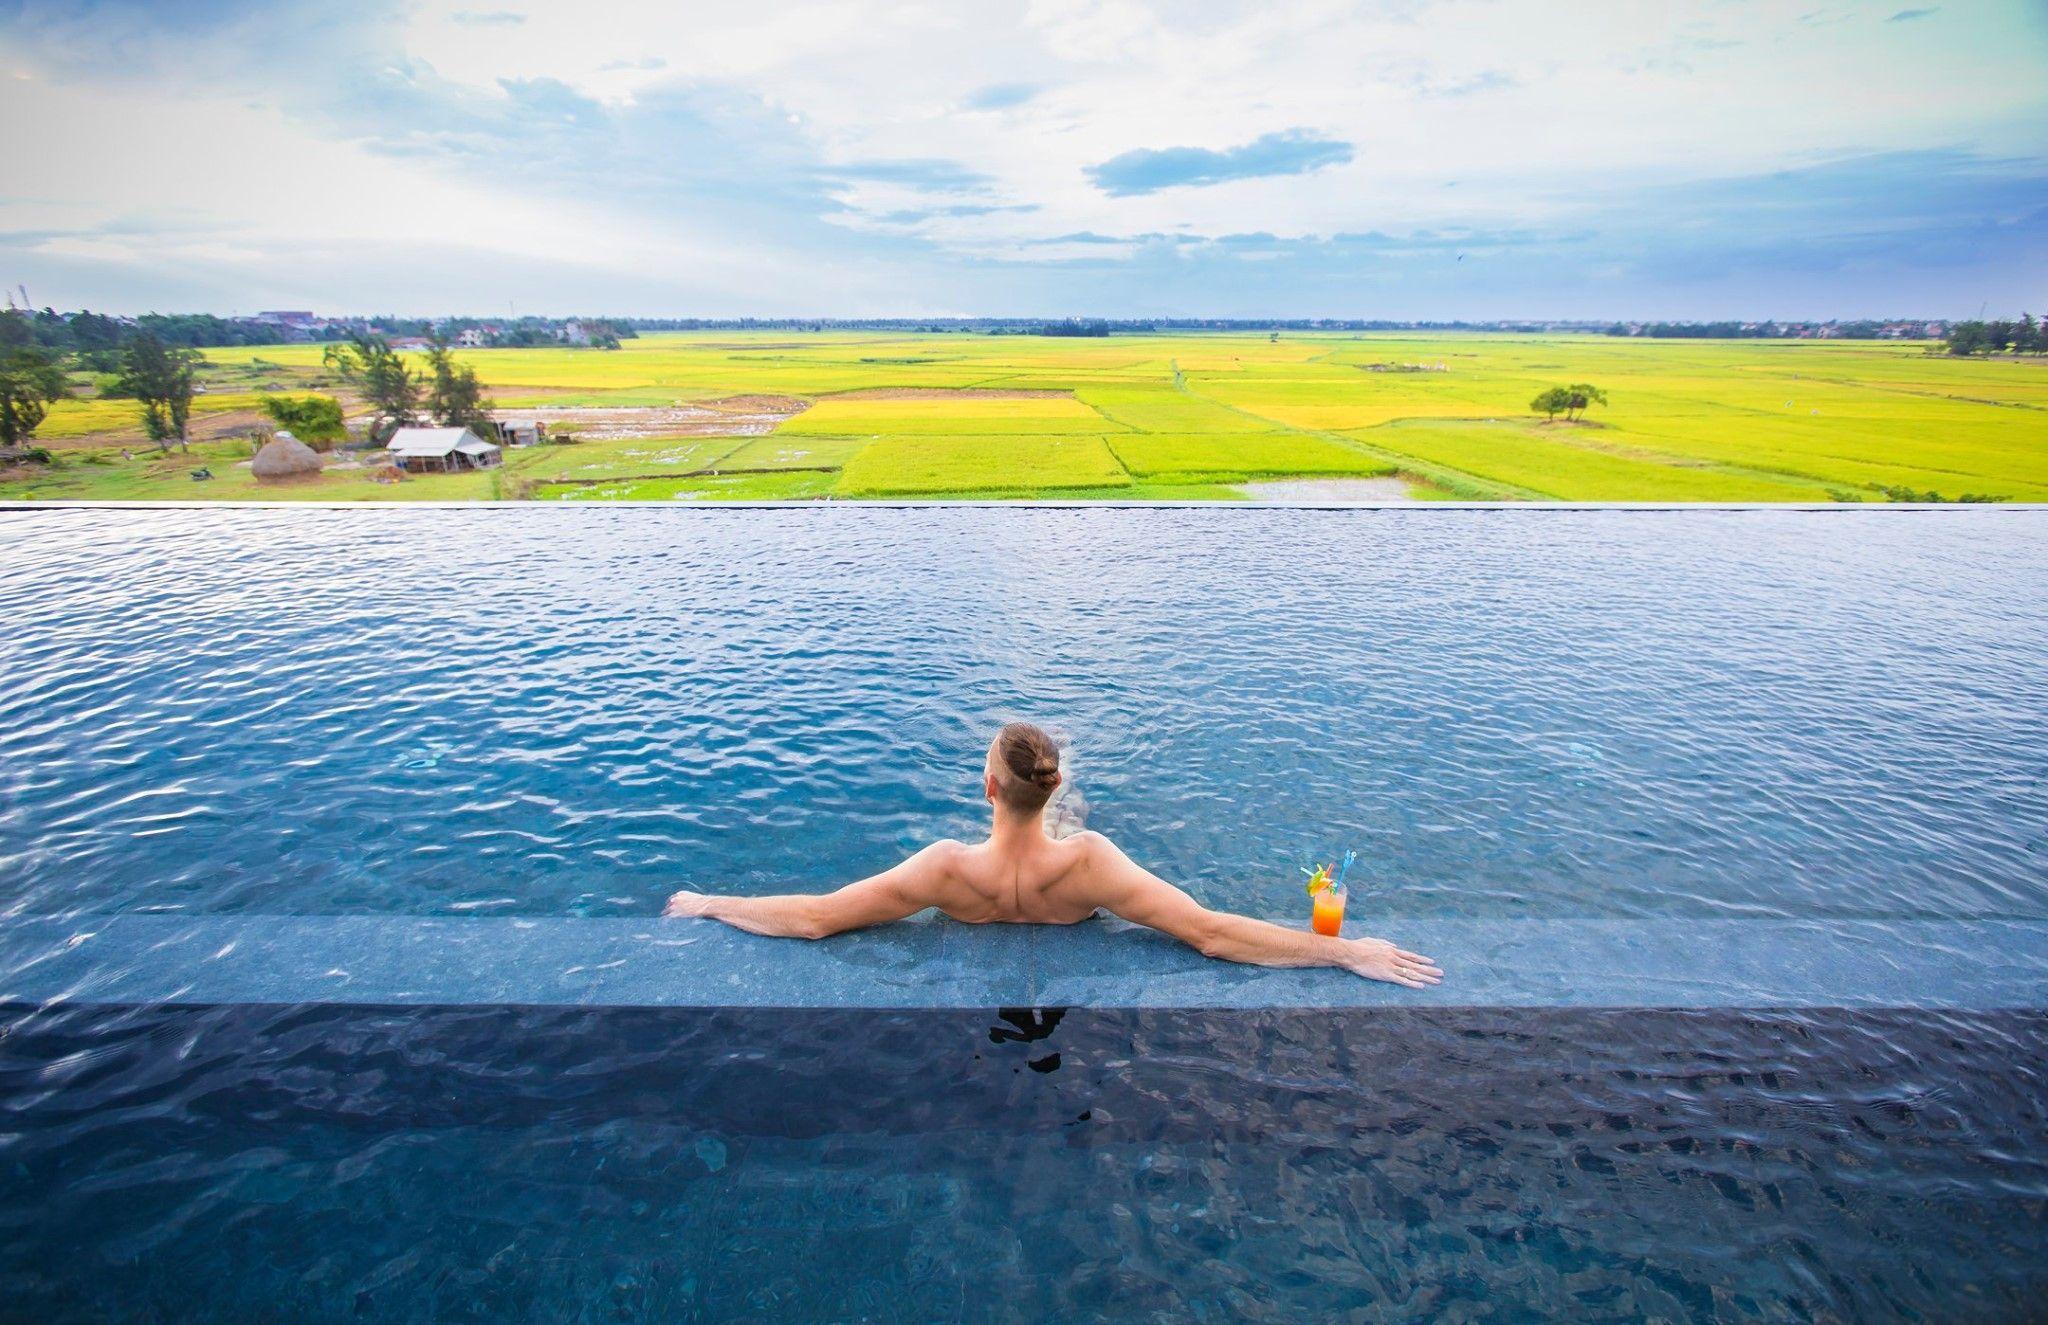 Gợi ý 4 resort sang trọng giá dưới 1 triệu đồng ở Hội An dành cho du khách